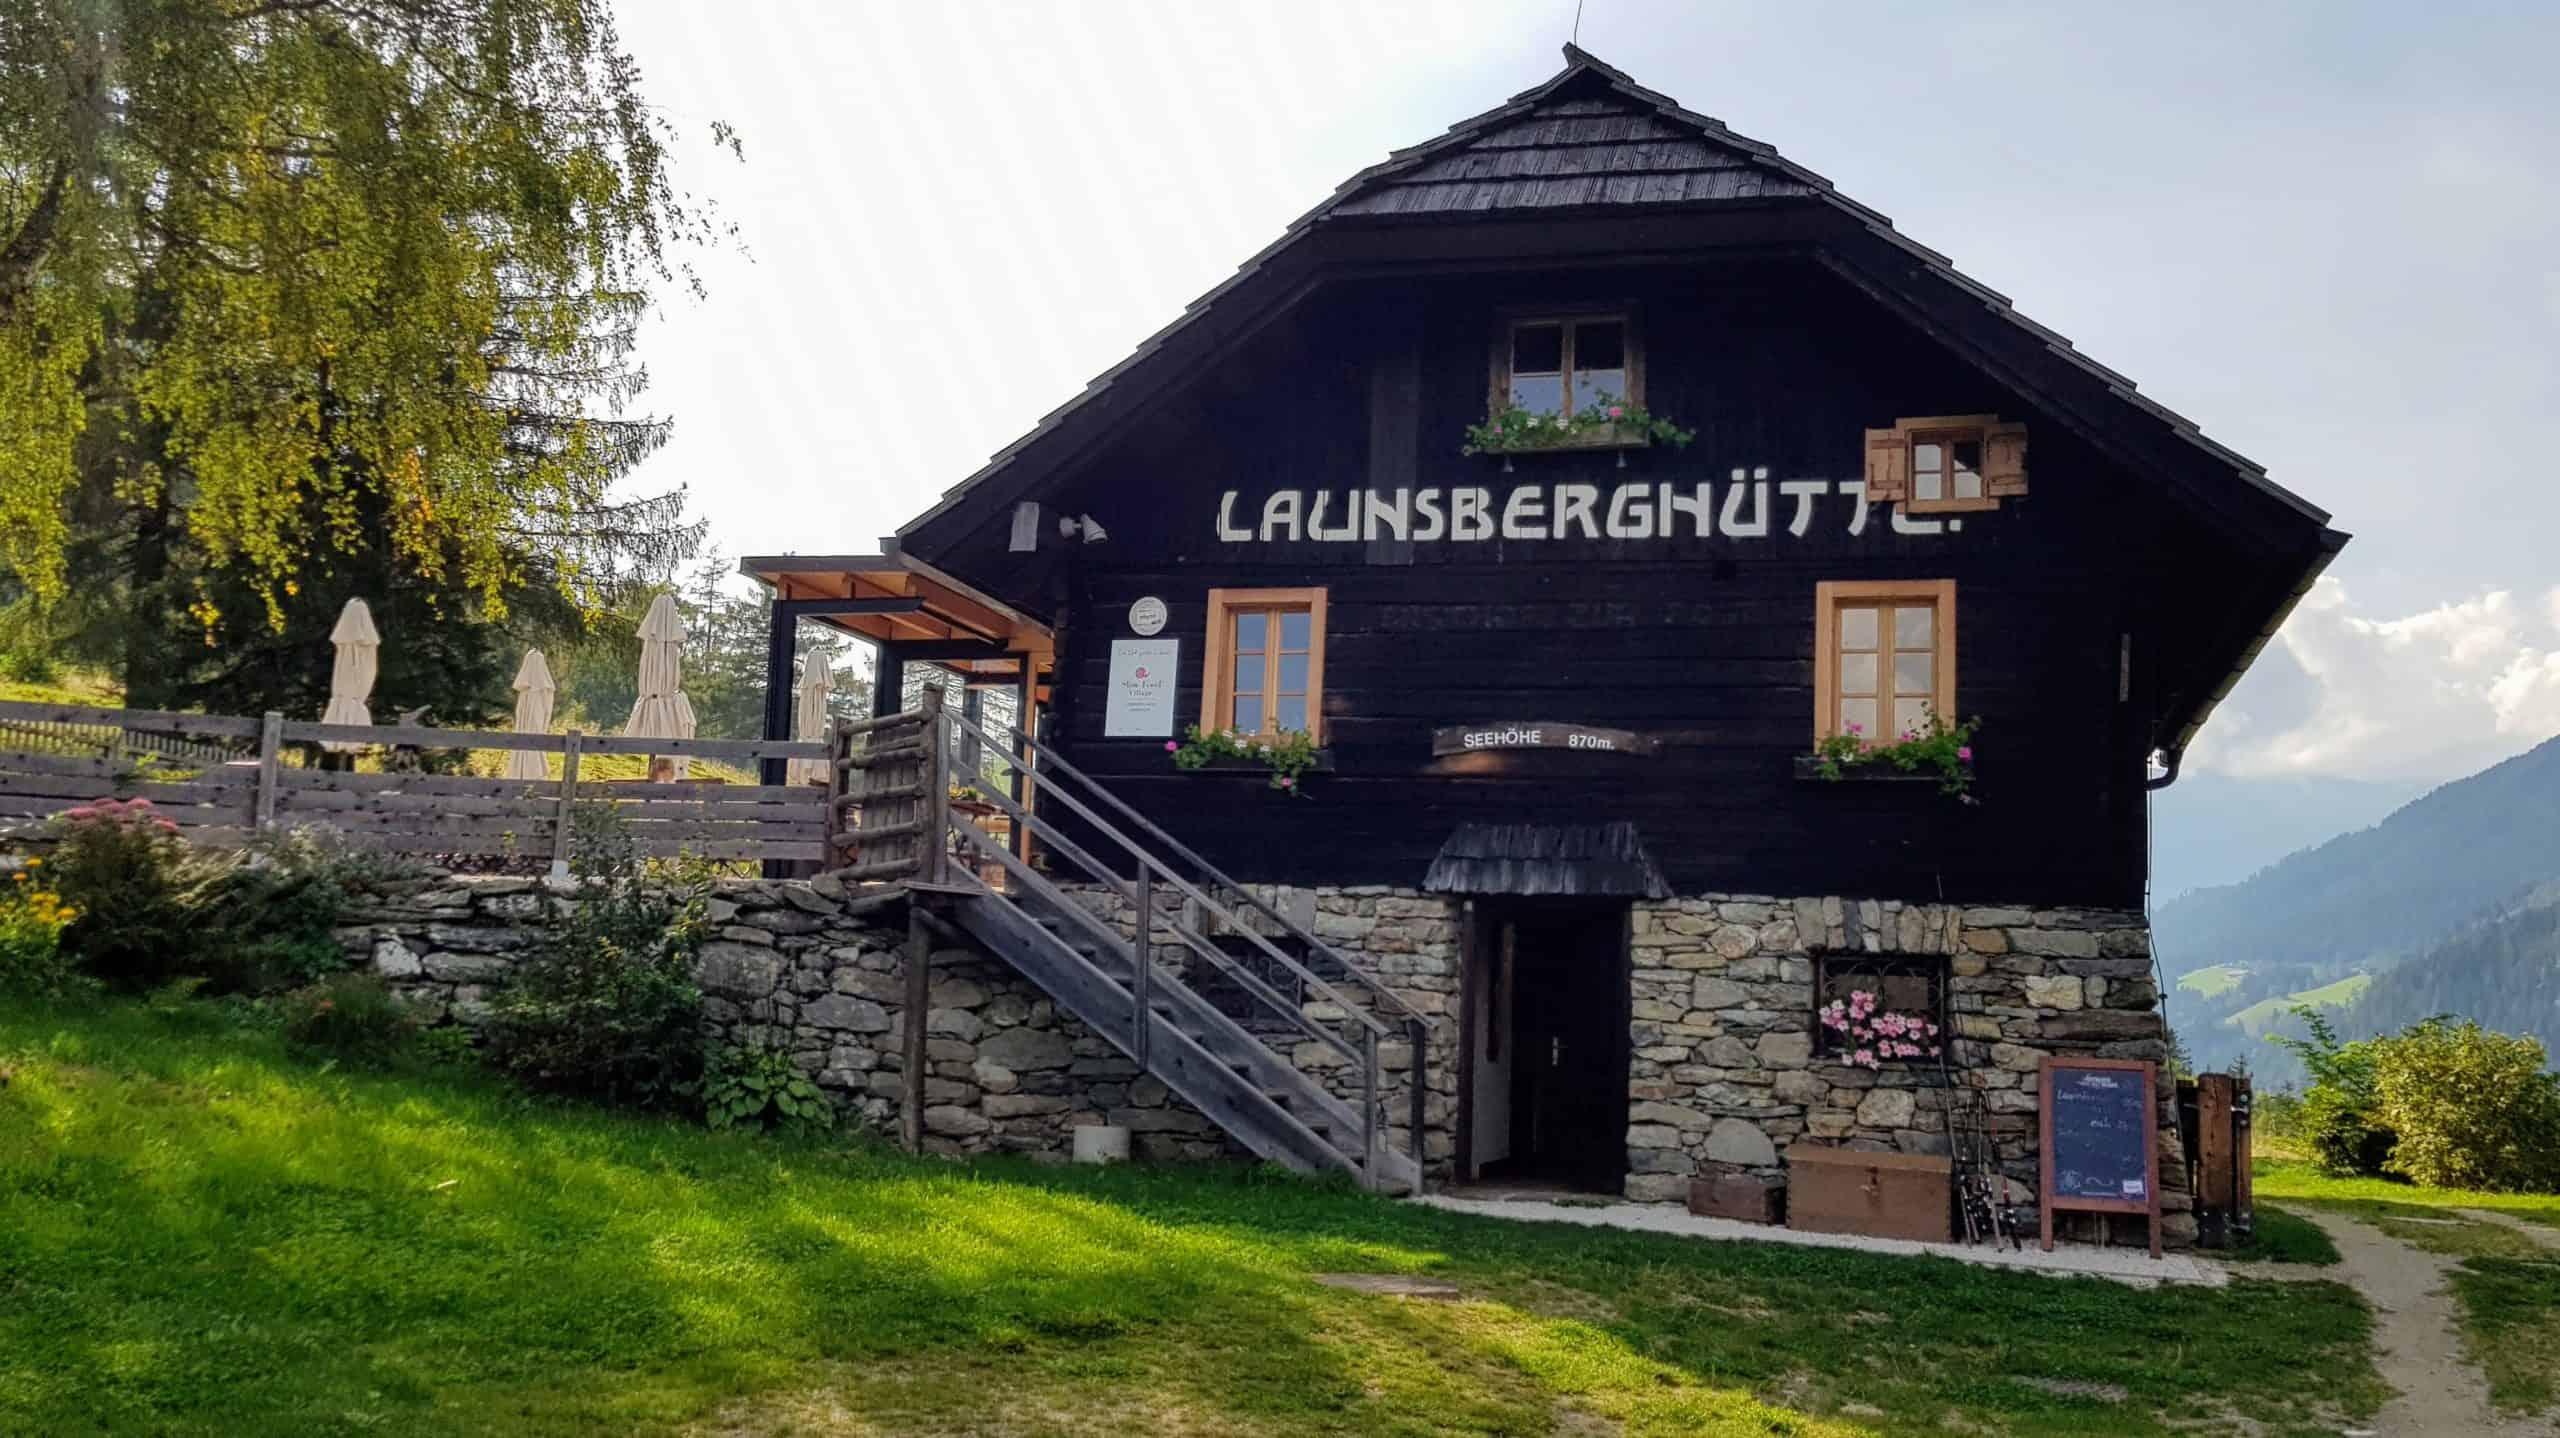 Launsberg Hütte in Obervellach - Slow Food Village im Nationalpark Hohe Tauern in Kärnten. Sehenswürdigkeiten, Wandern & Kulinarik in Österreich.